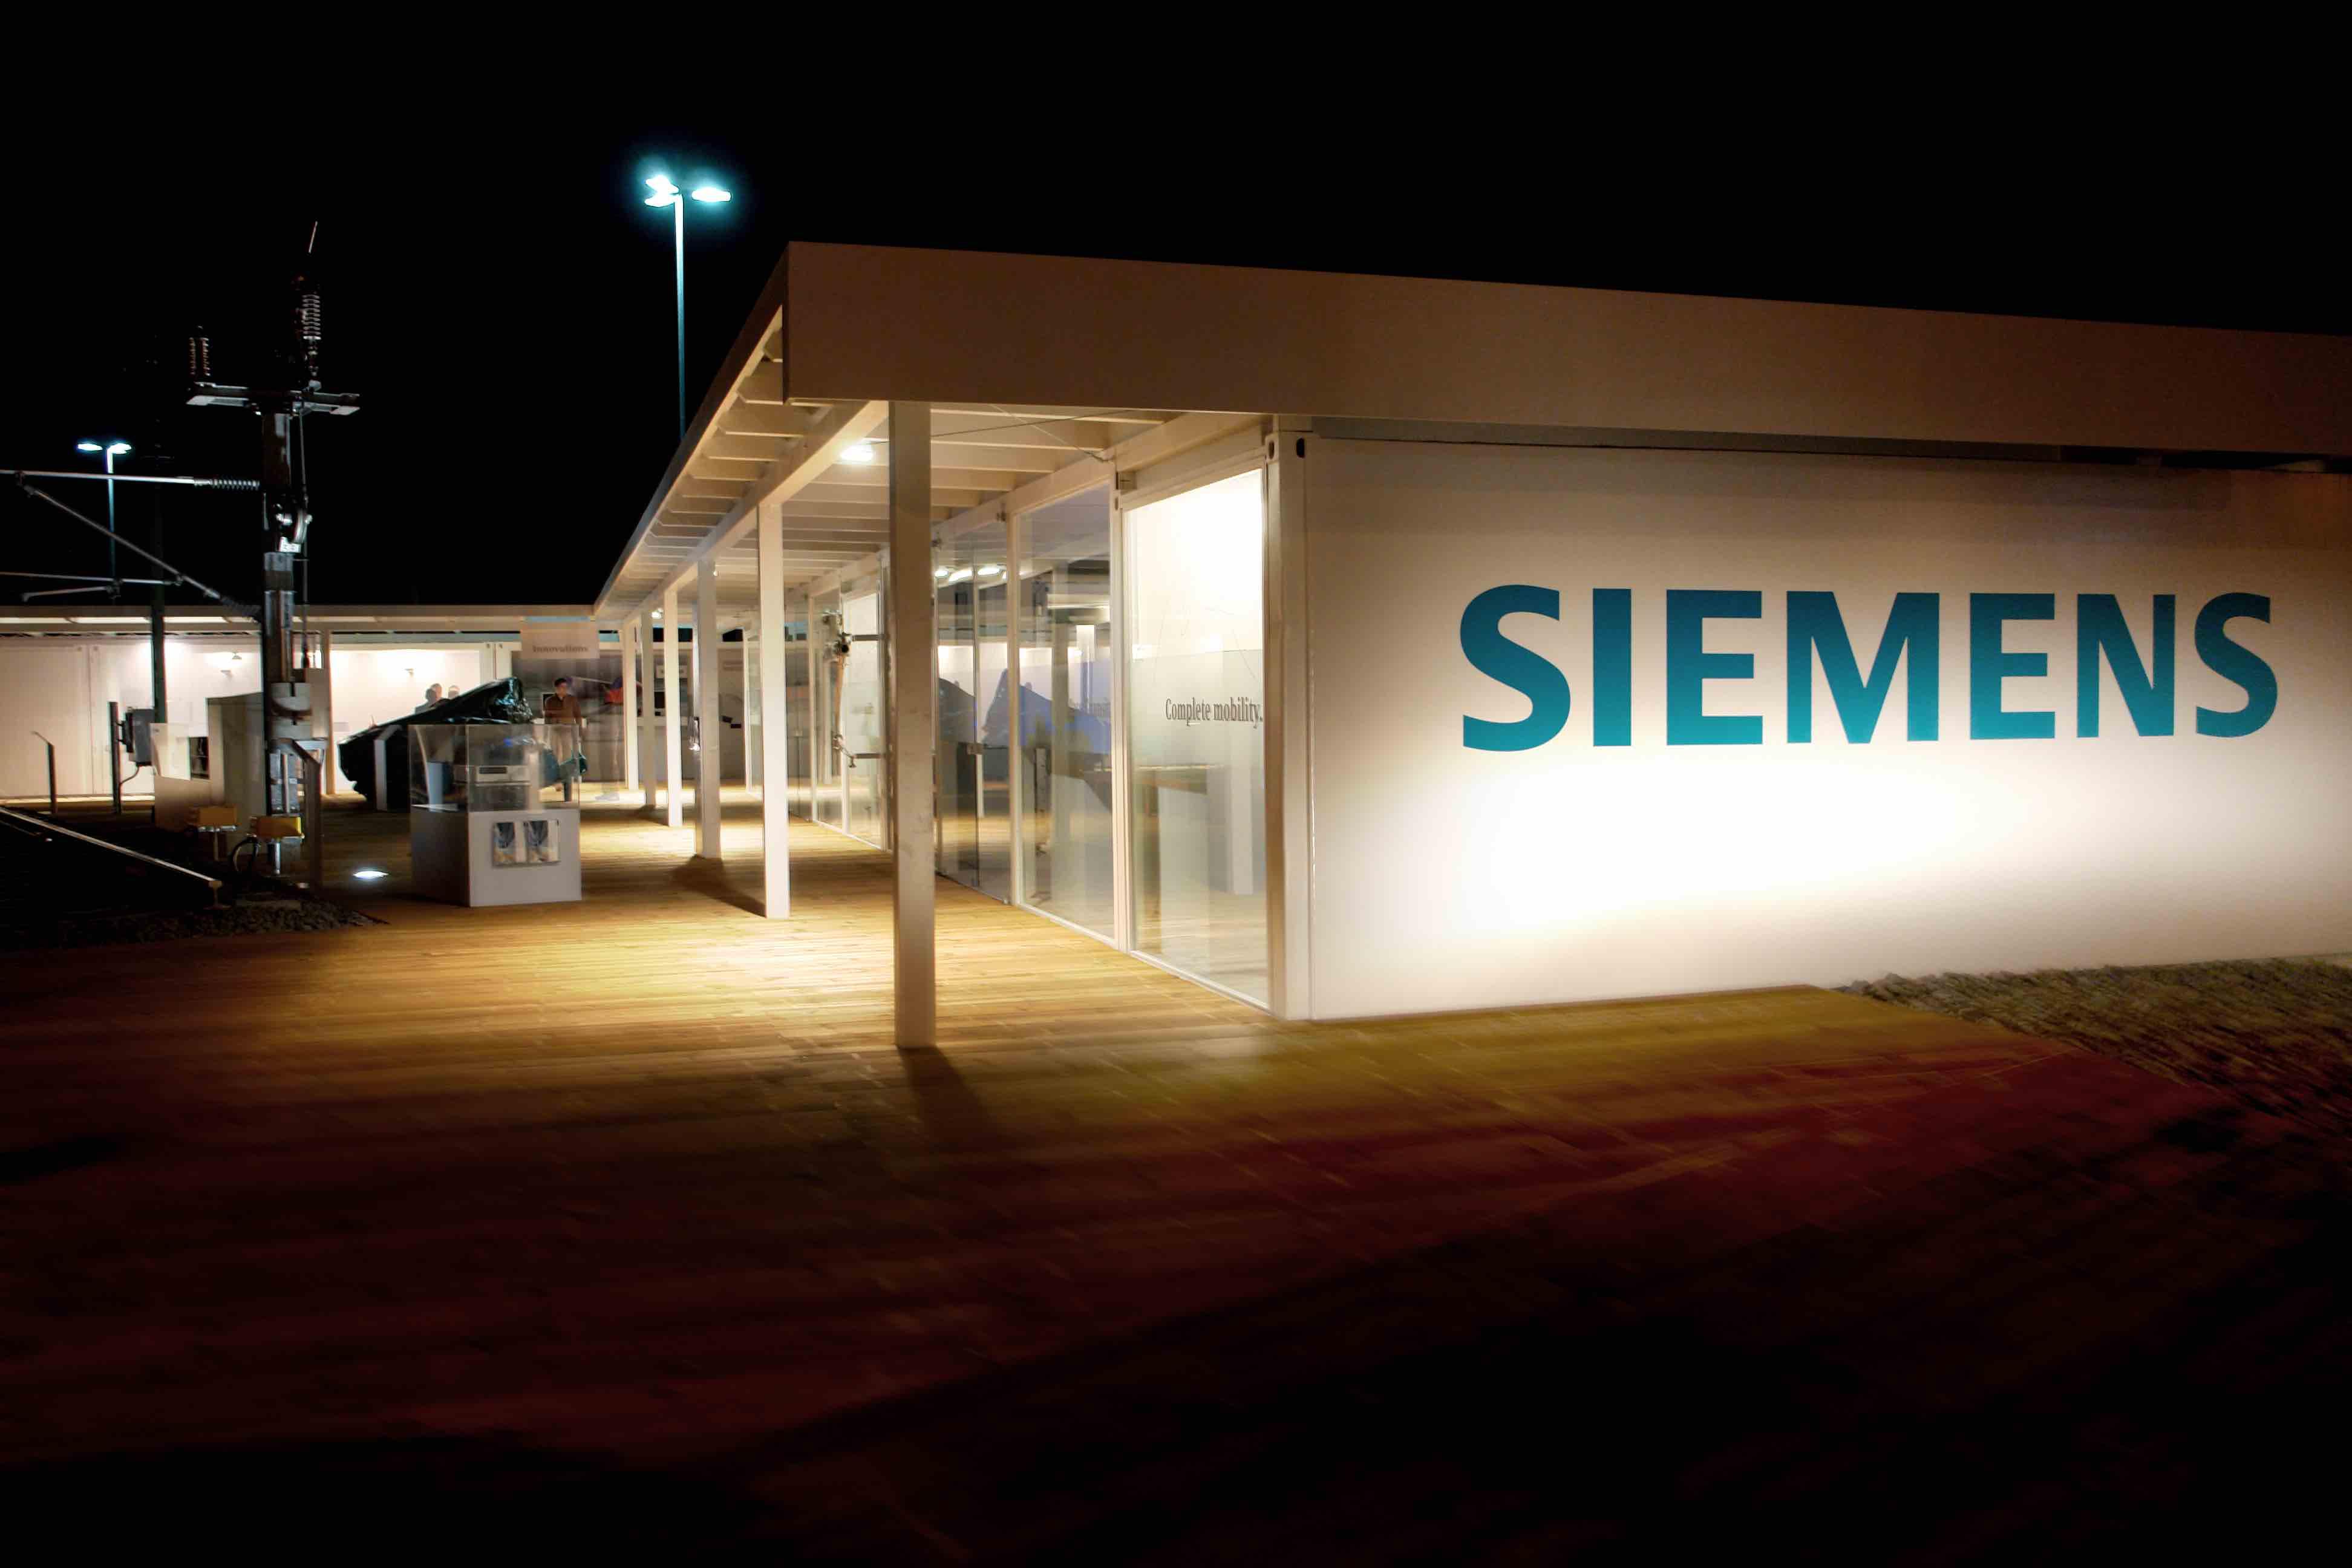 referenz Siemens 2006/2008